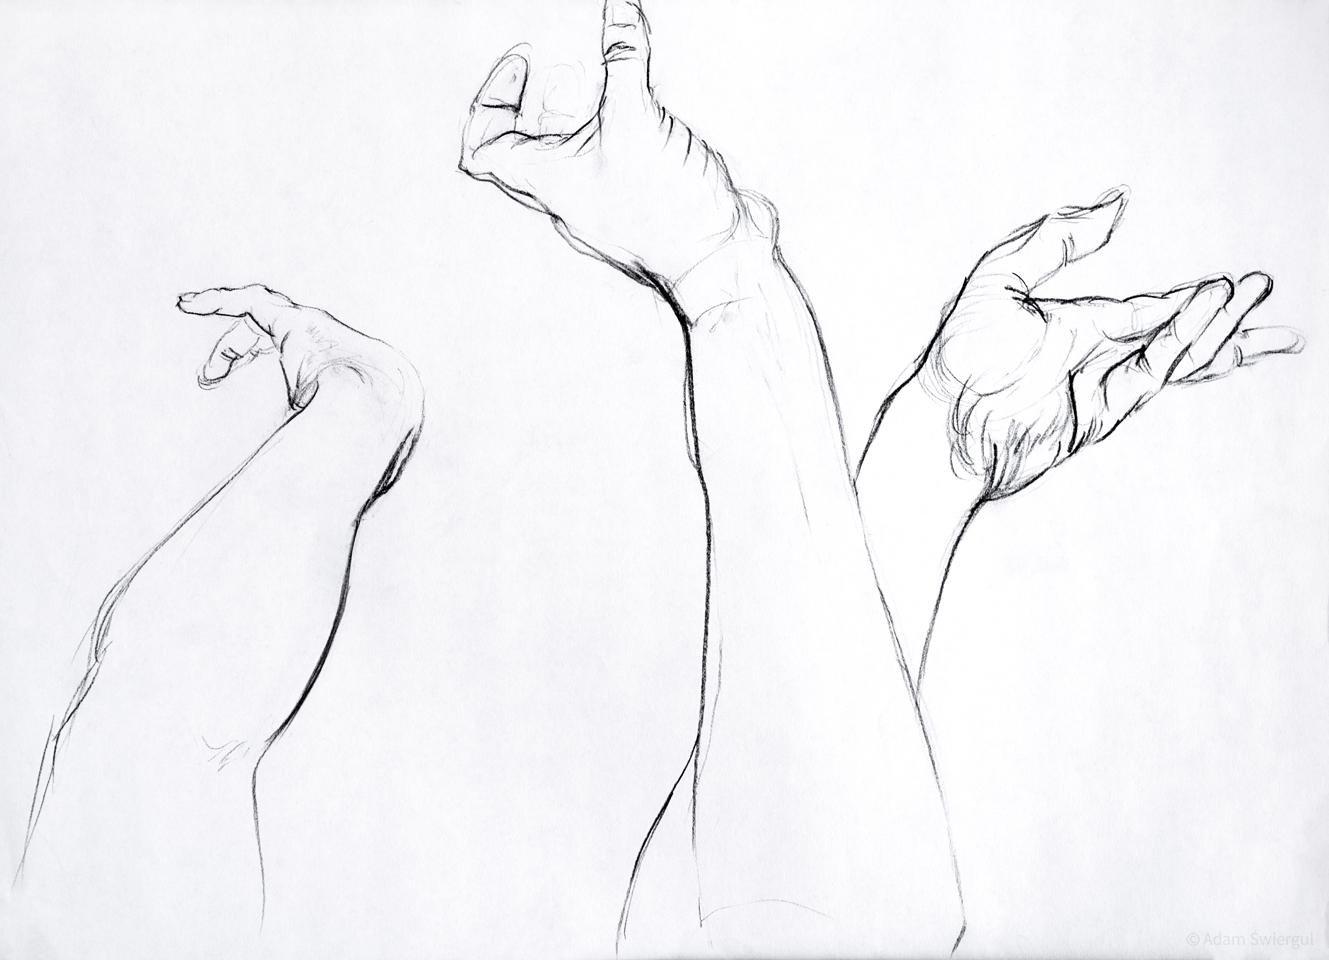 Szkice ręce 3